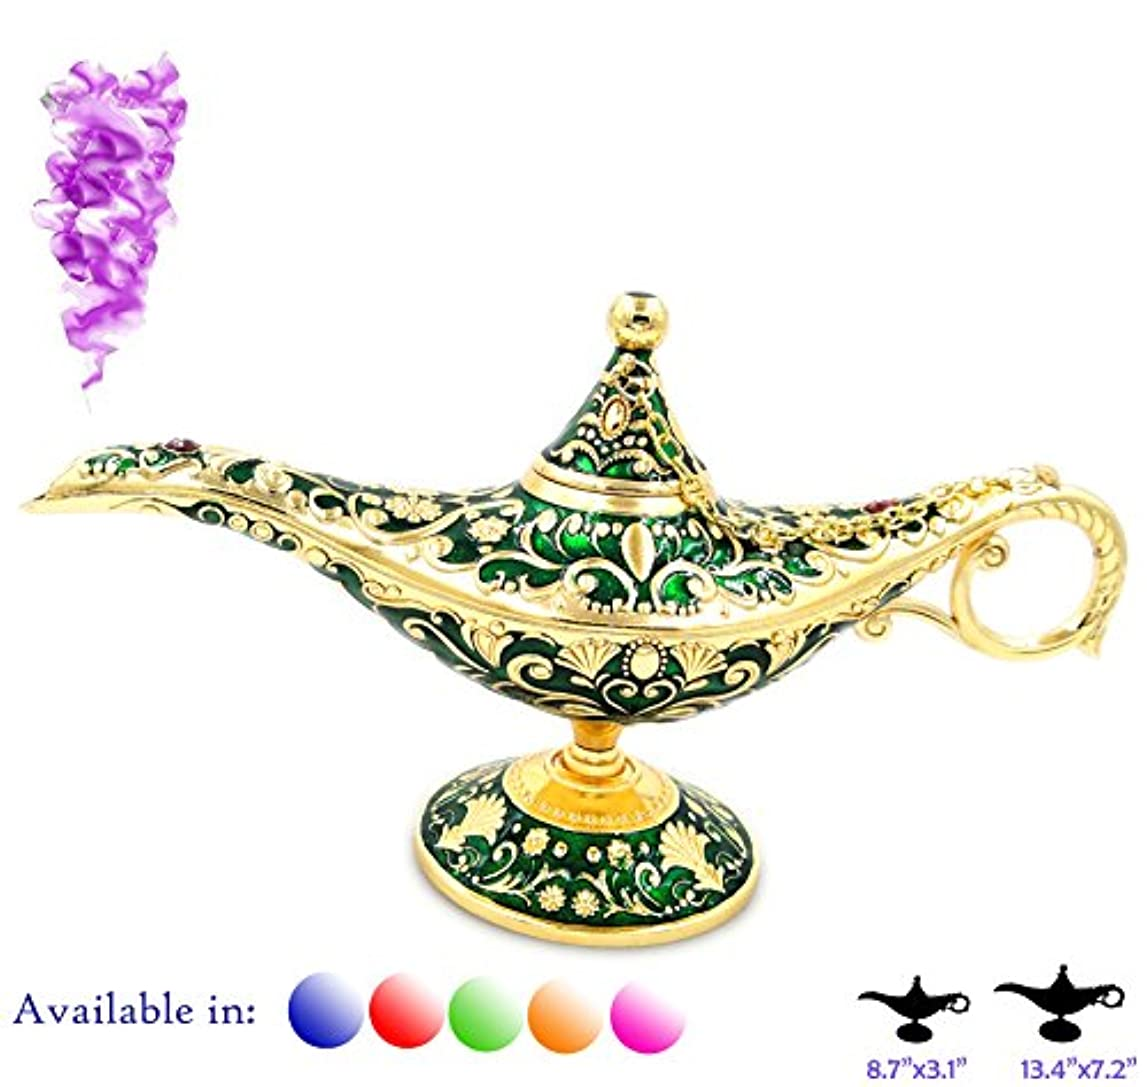 沼地平衡イデオロギー凡例Aladdin Magic Genieライトランプポットクラシックカラー真鍮Aladdin Genie Lamps Incense Burners Normal 8.7x3.1